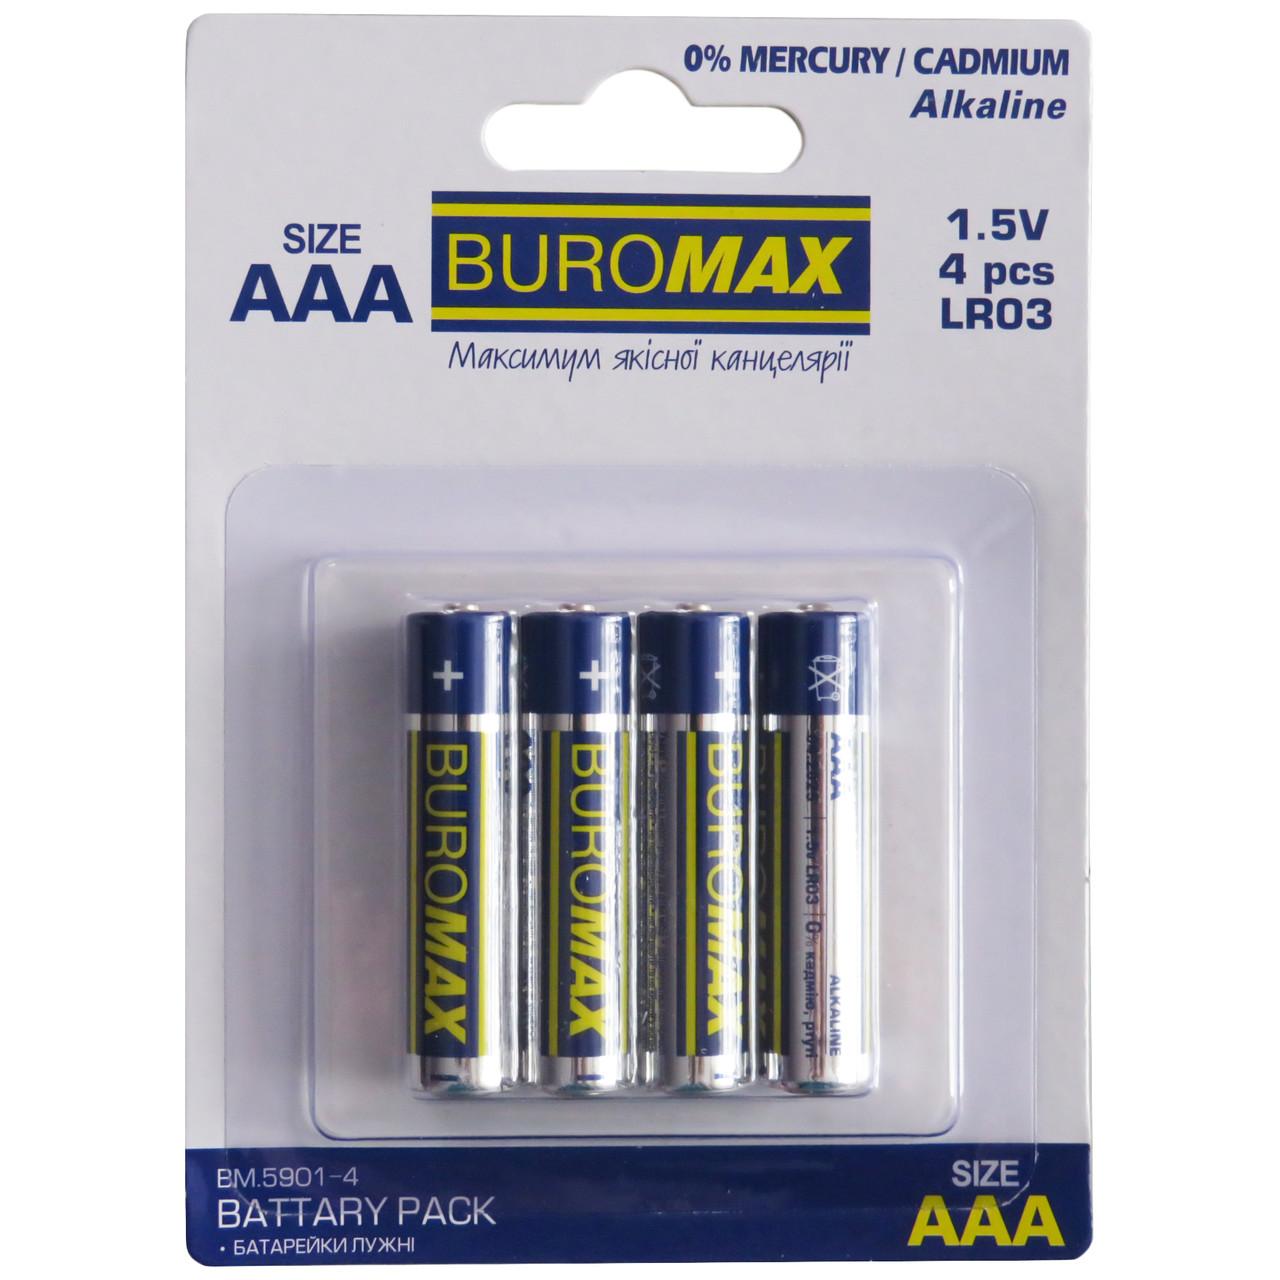 Батарейки Buromax LR03 AAA 4 шт (минипальчиковые, мизинчиковые)